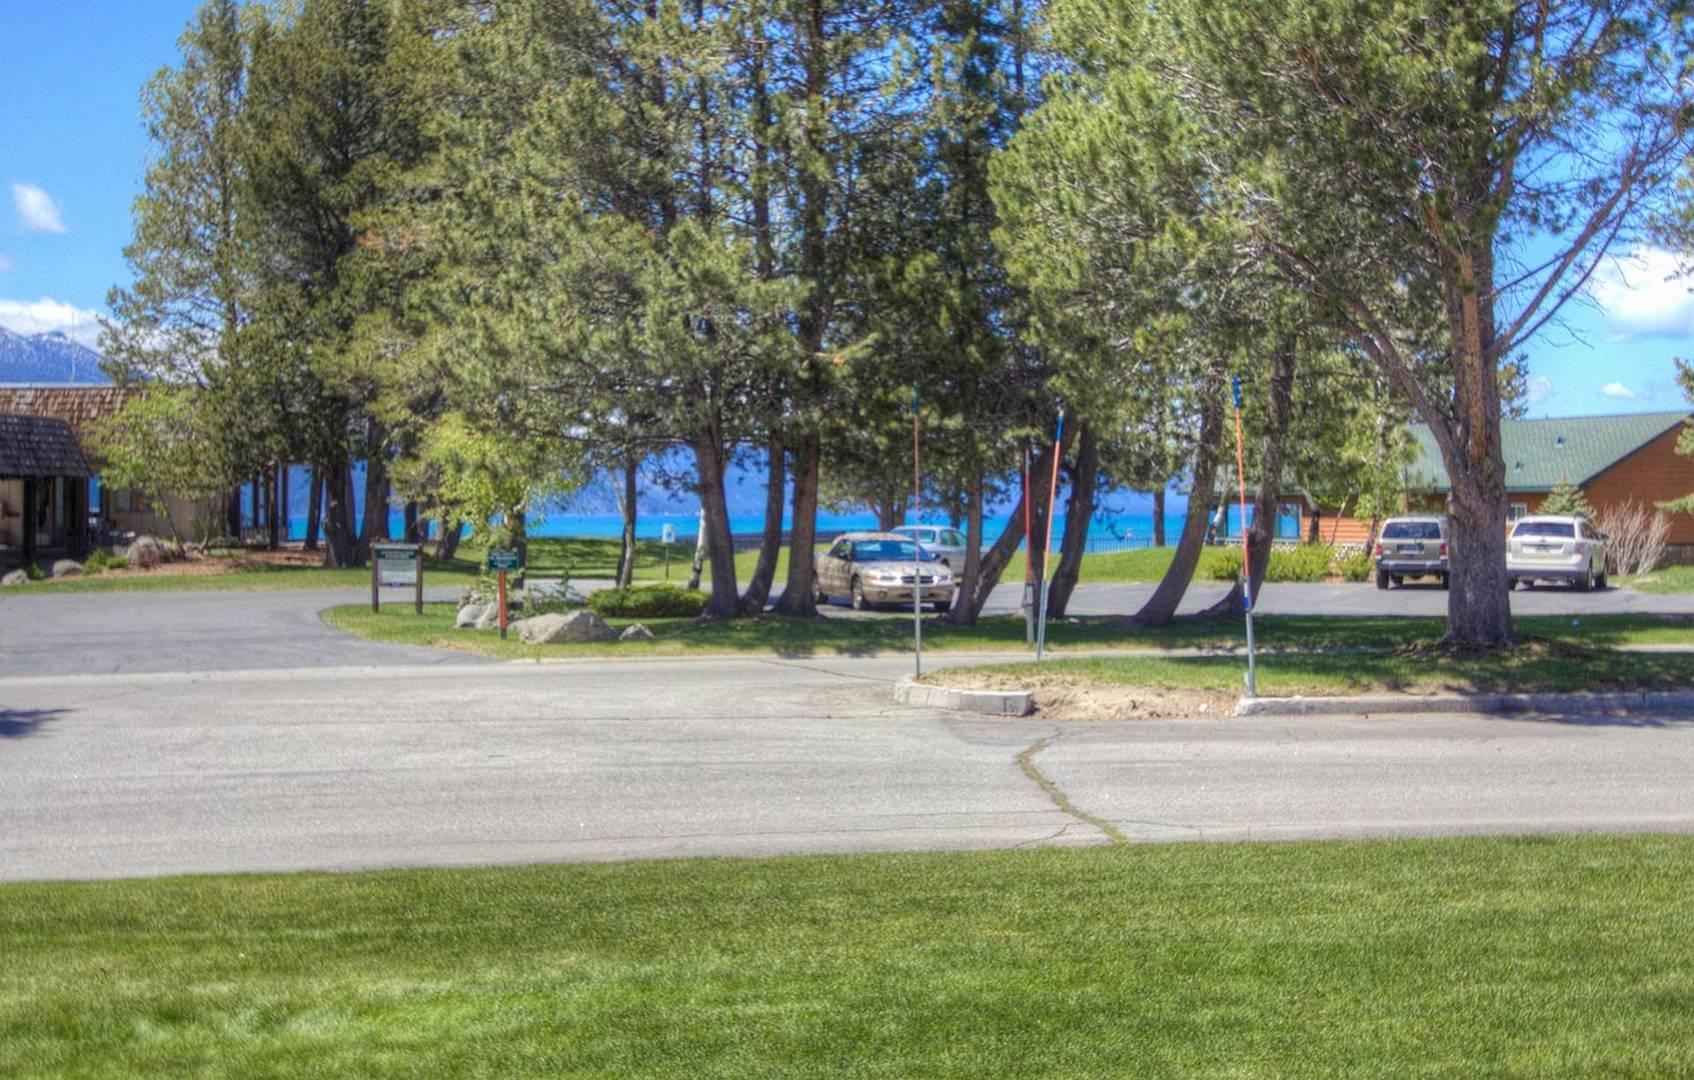 tkc0811 street view